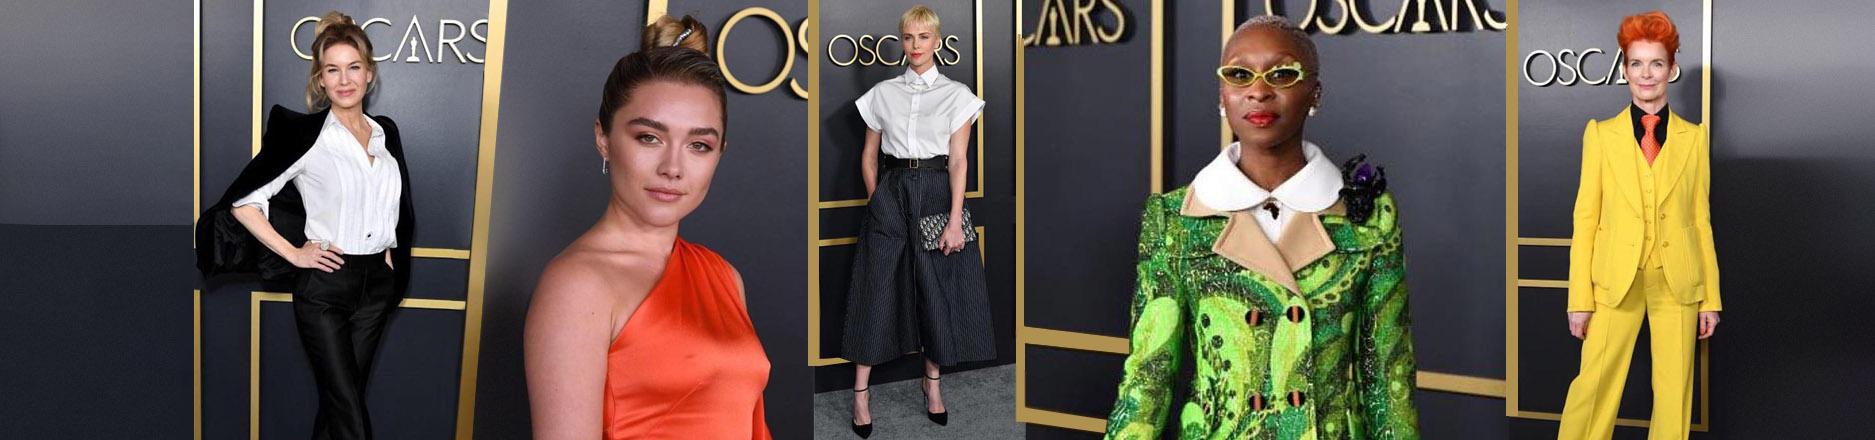 Los looks del tradicional almuerzo de los nominados a los premios Oscar 2020